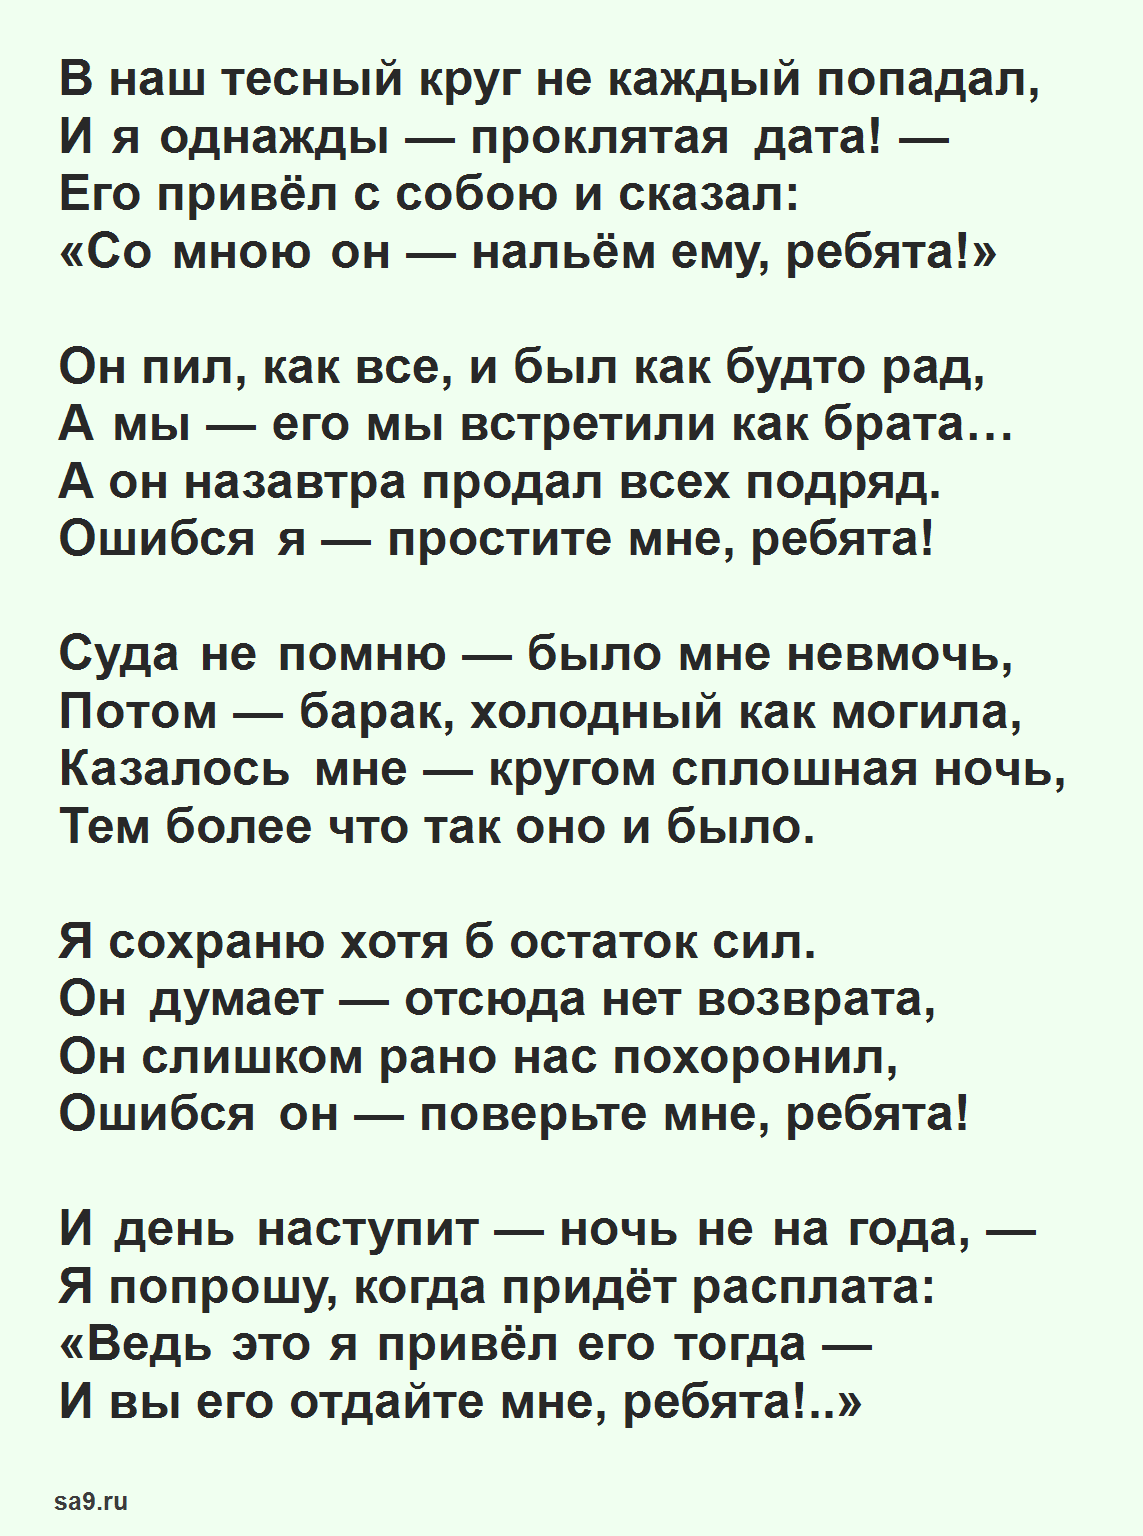 Короткие стихи Высоцкого о дружбе - Песня про стукача